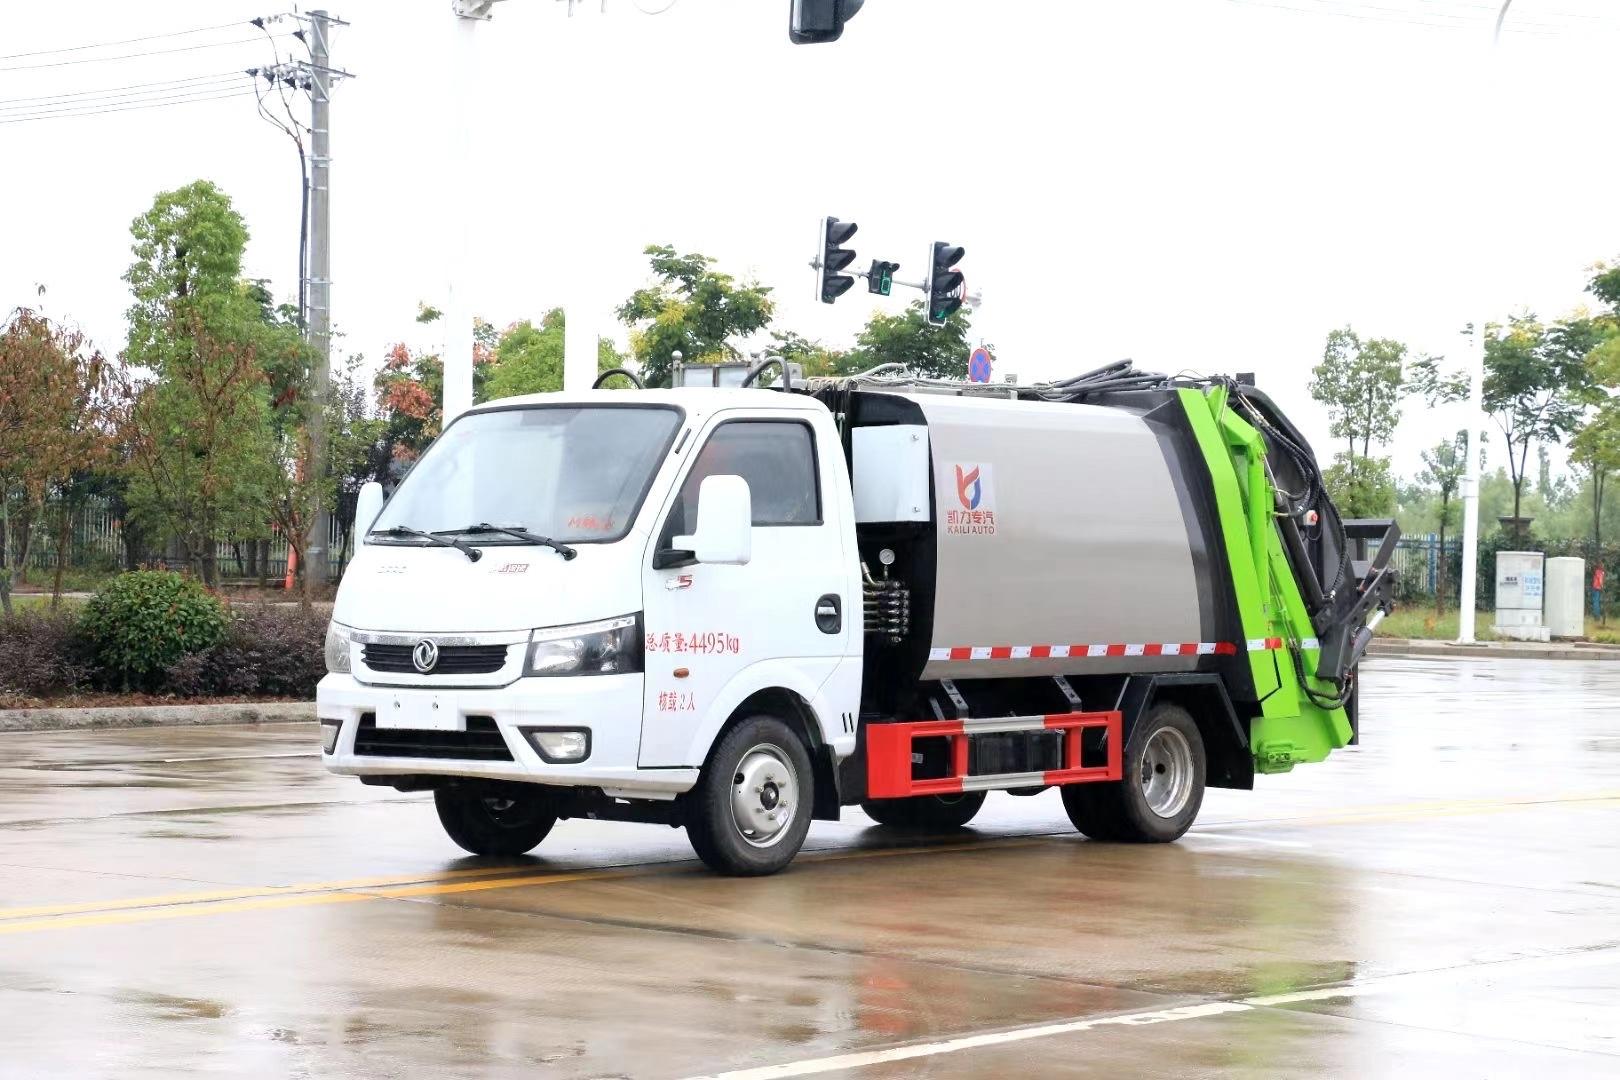 国六小型3方蓝牌不超重东风涂逸压缩垃圾车程力垃圾车报价 C照可开地下室专用垃圾车